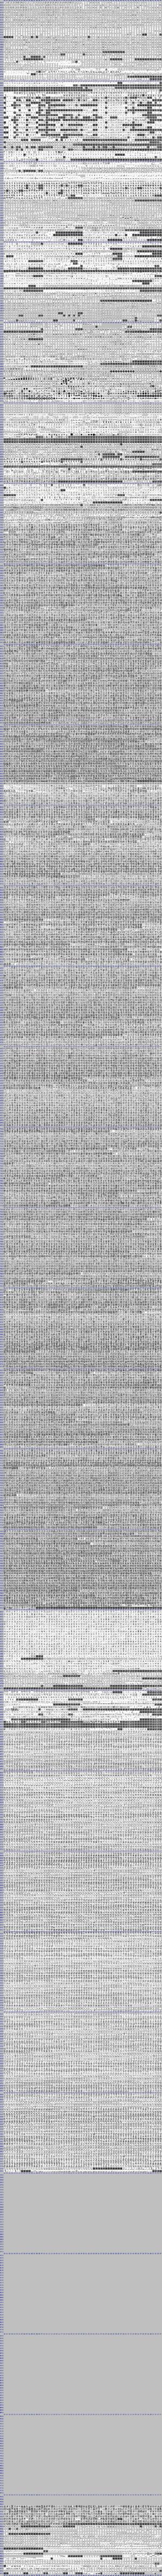 GNU Unifont - Image: Unifont 6.3.20131006